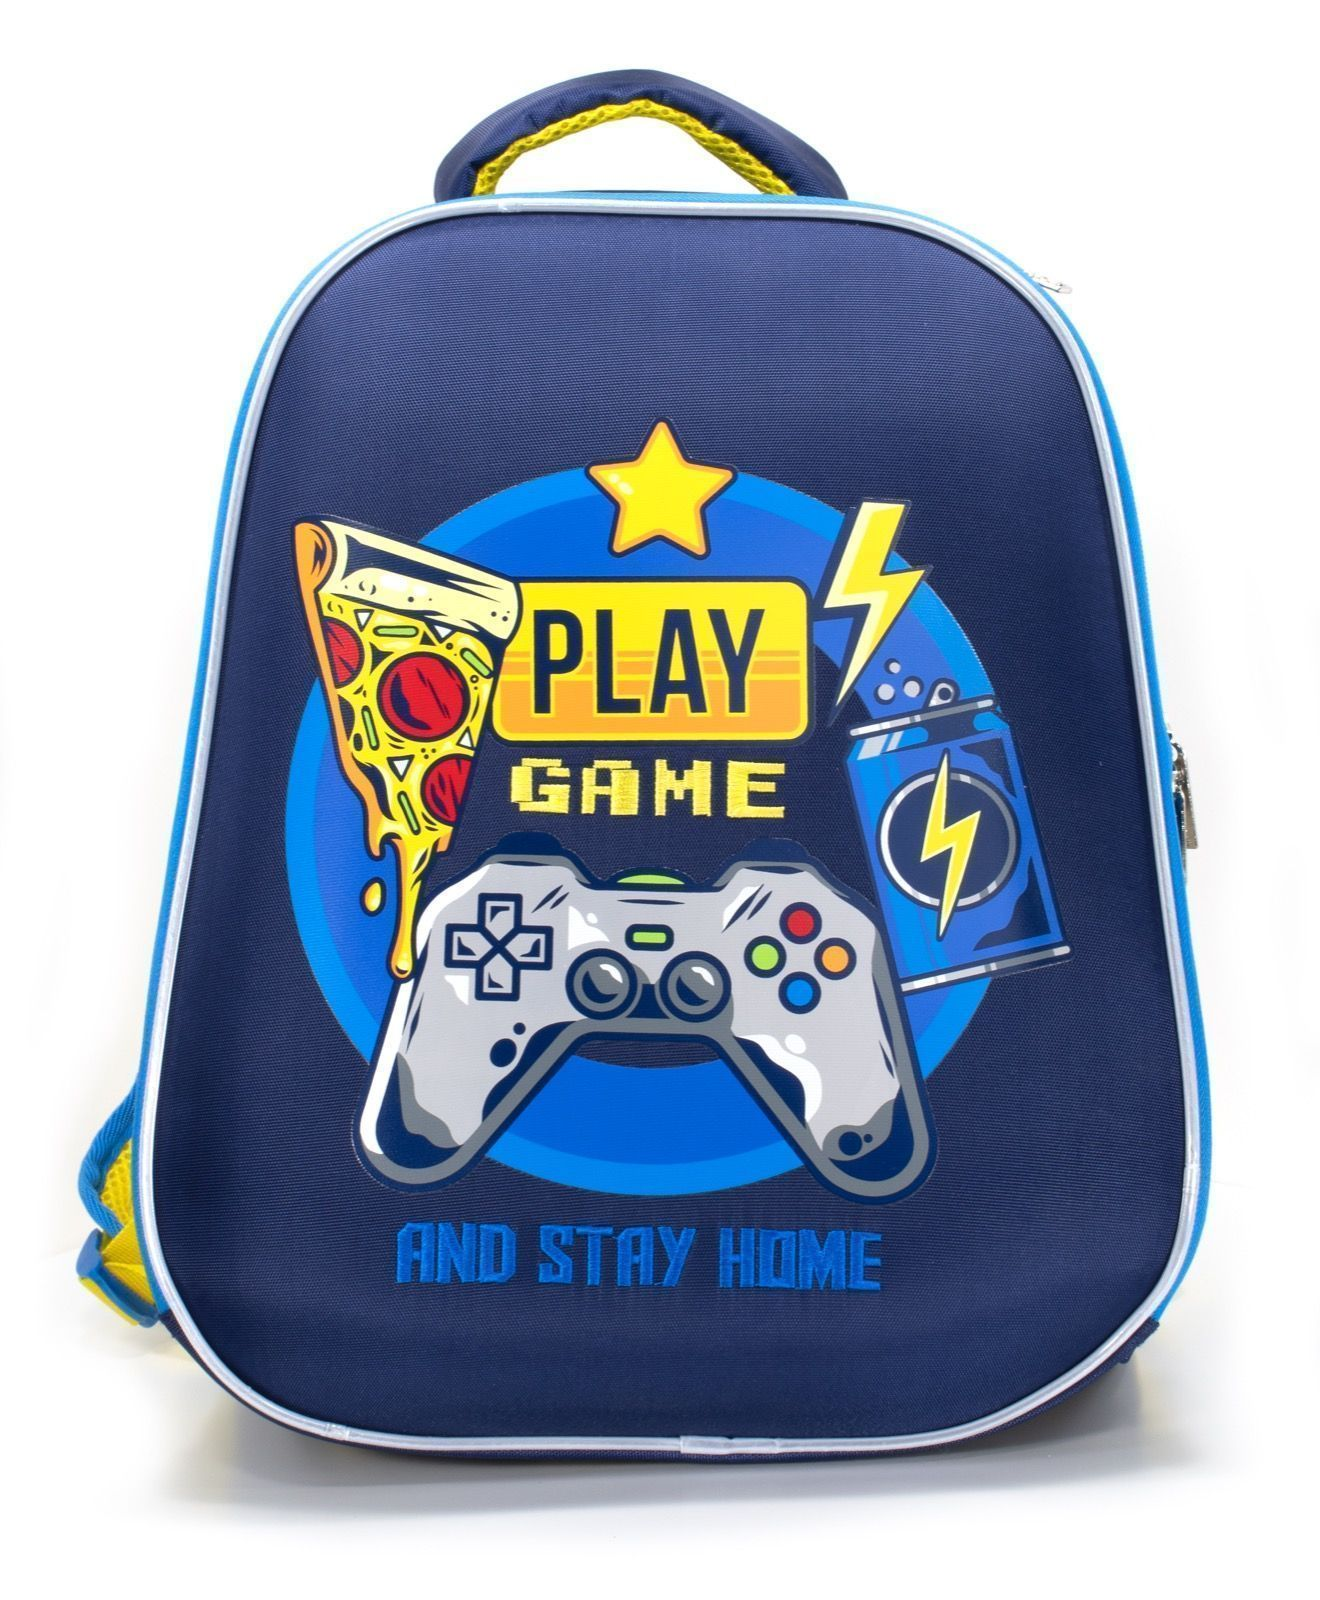 Рюкзак Schoolformat Play game, модель ERGONOMIC LIGHT, жесткий каркас, двухсекционный, 38х30х18 см, 17л, для мальчиков